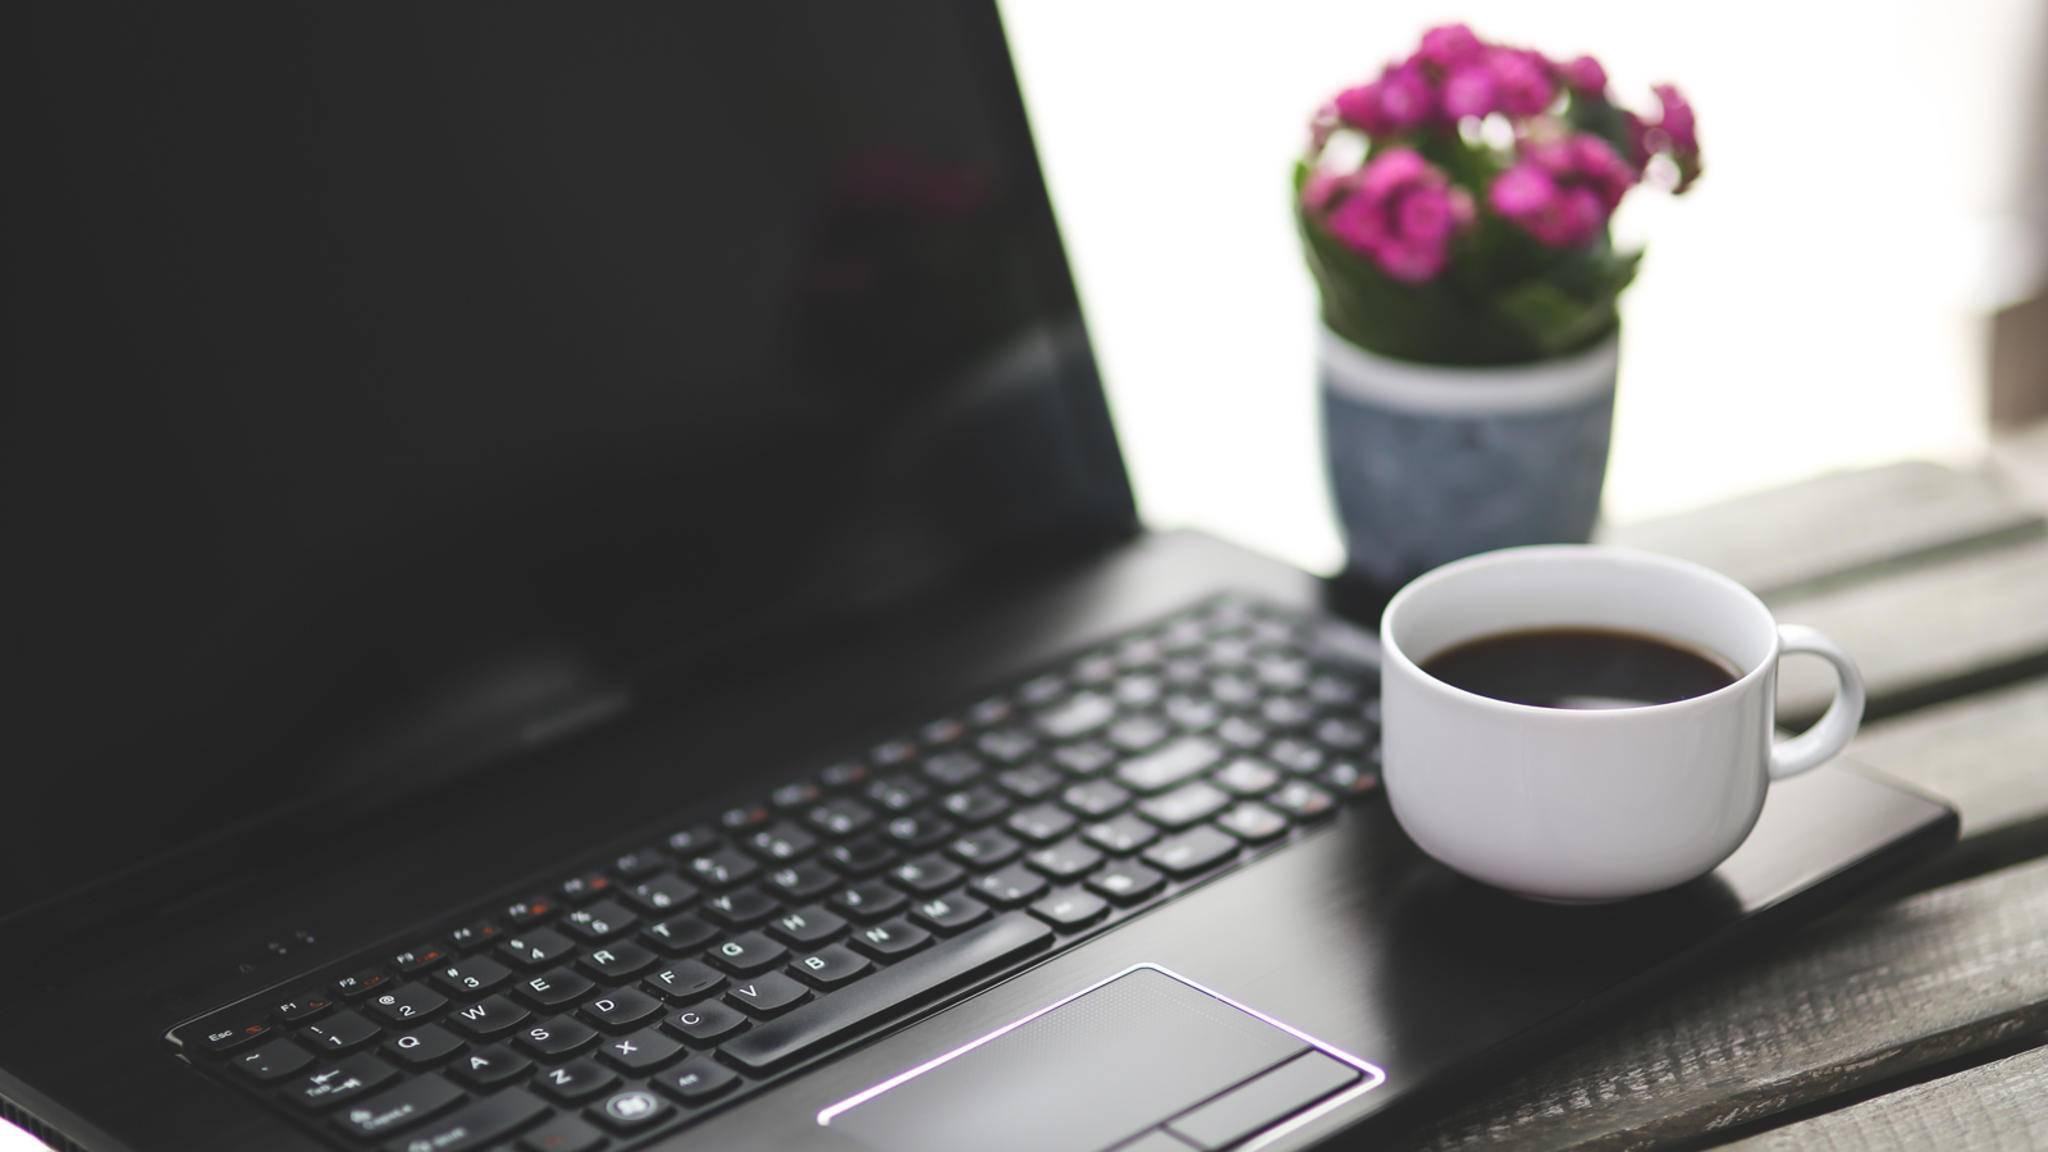 Wer regelmäßig Pausen einlegt, nutzt seine Arbeitszeit effektiver.